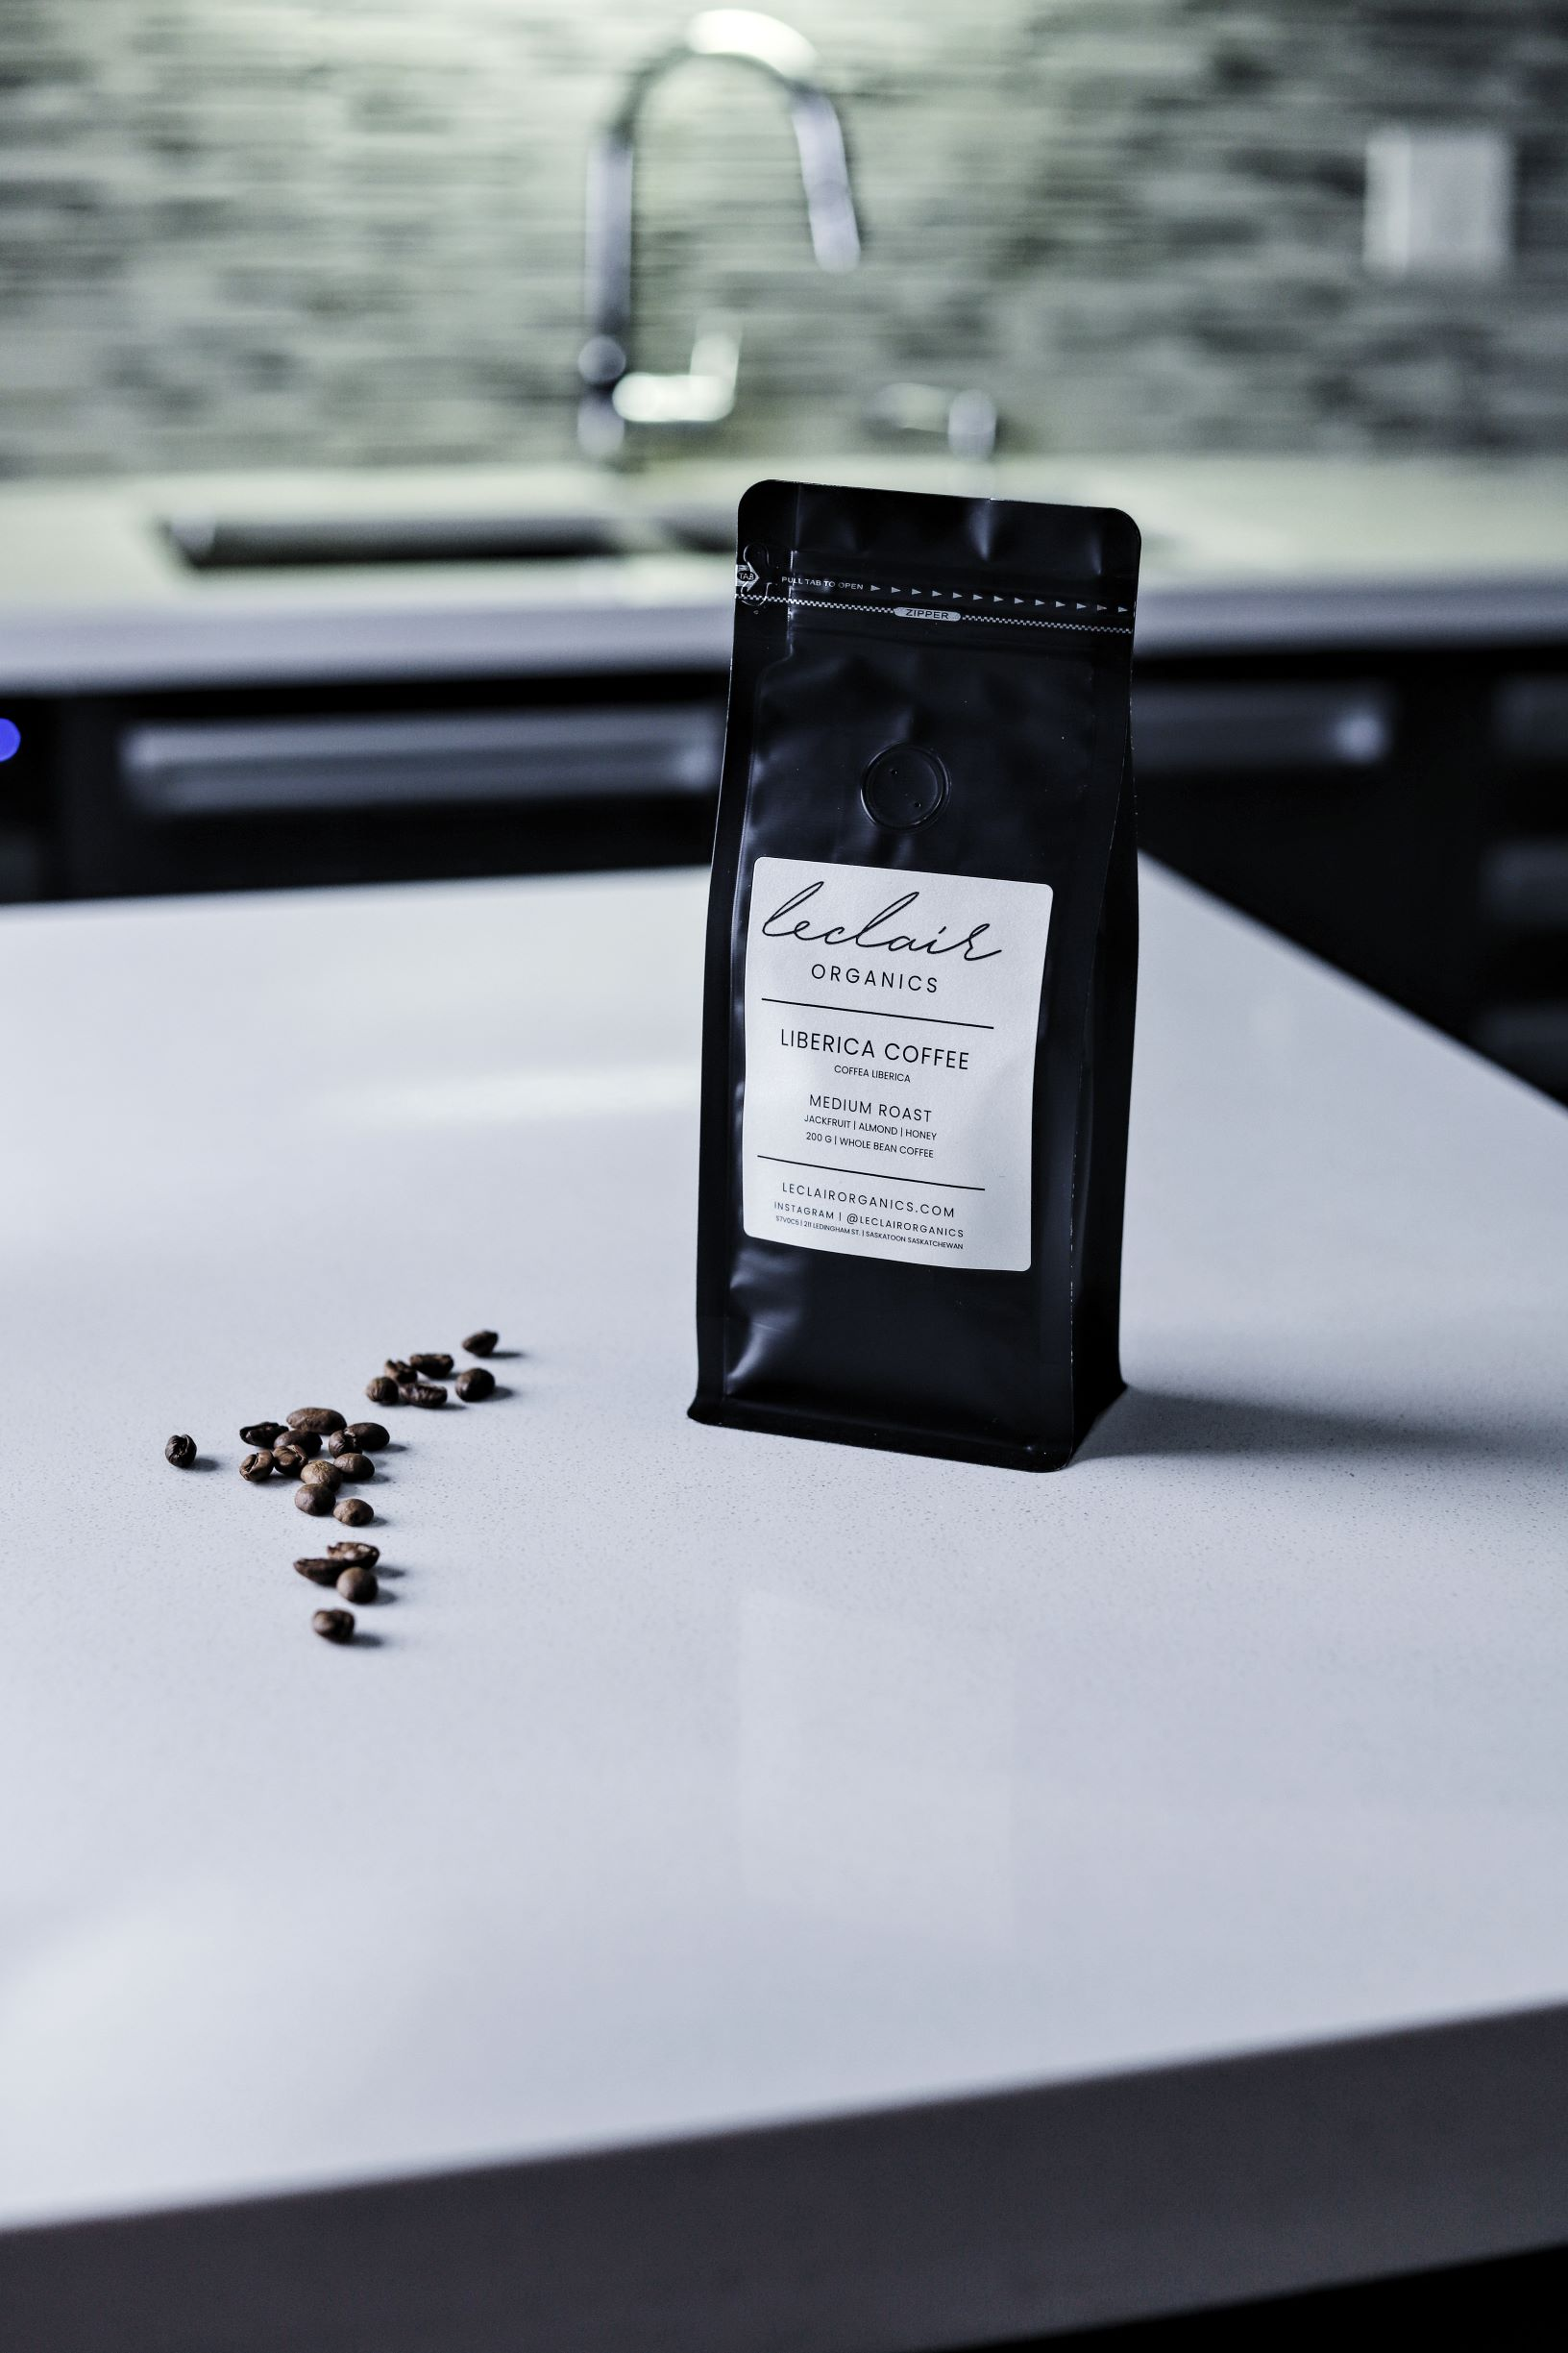 LeClair Organics Liberica Coffee bag, use in espresso martini recipes, Canada